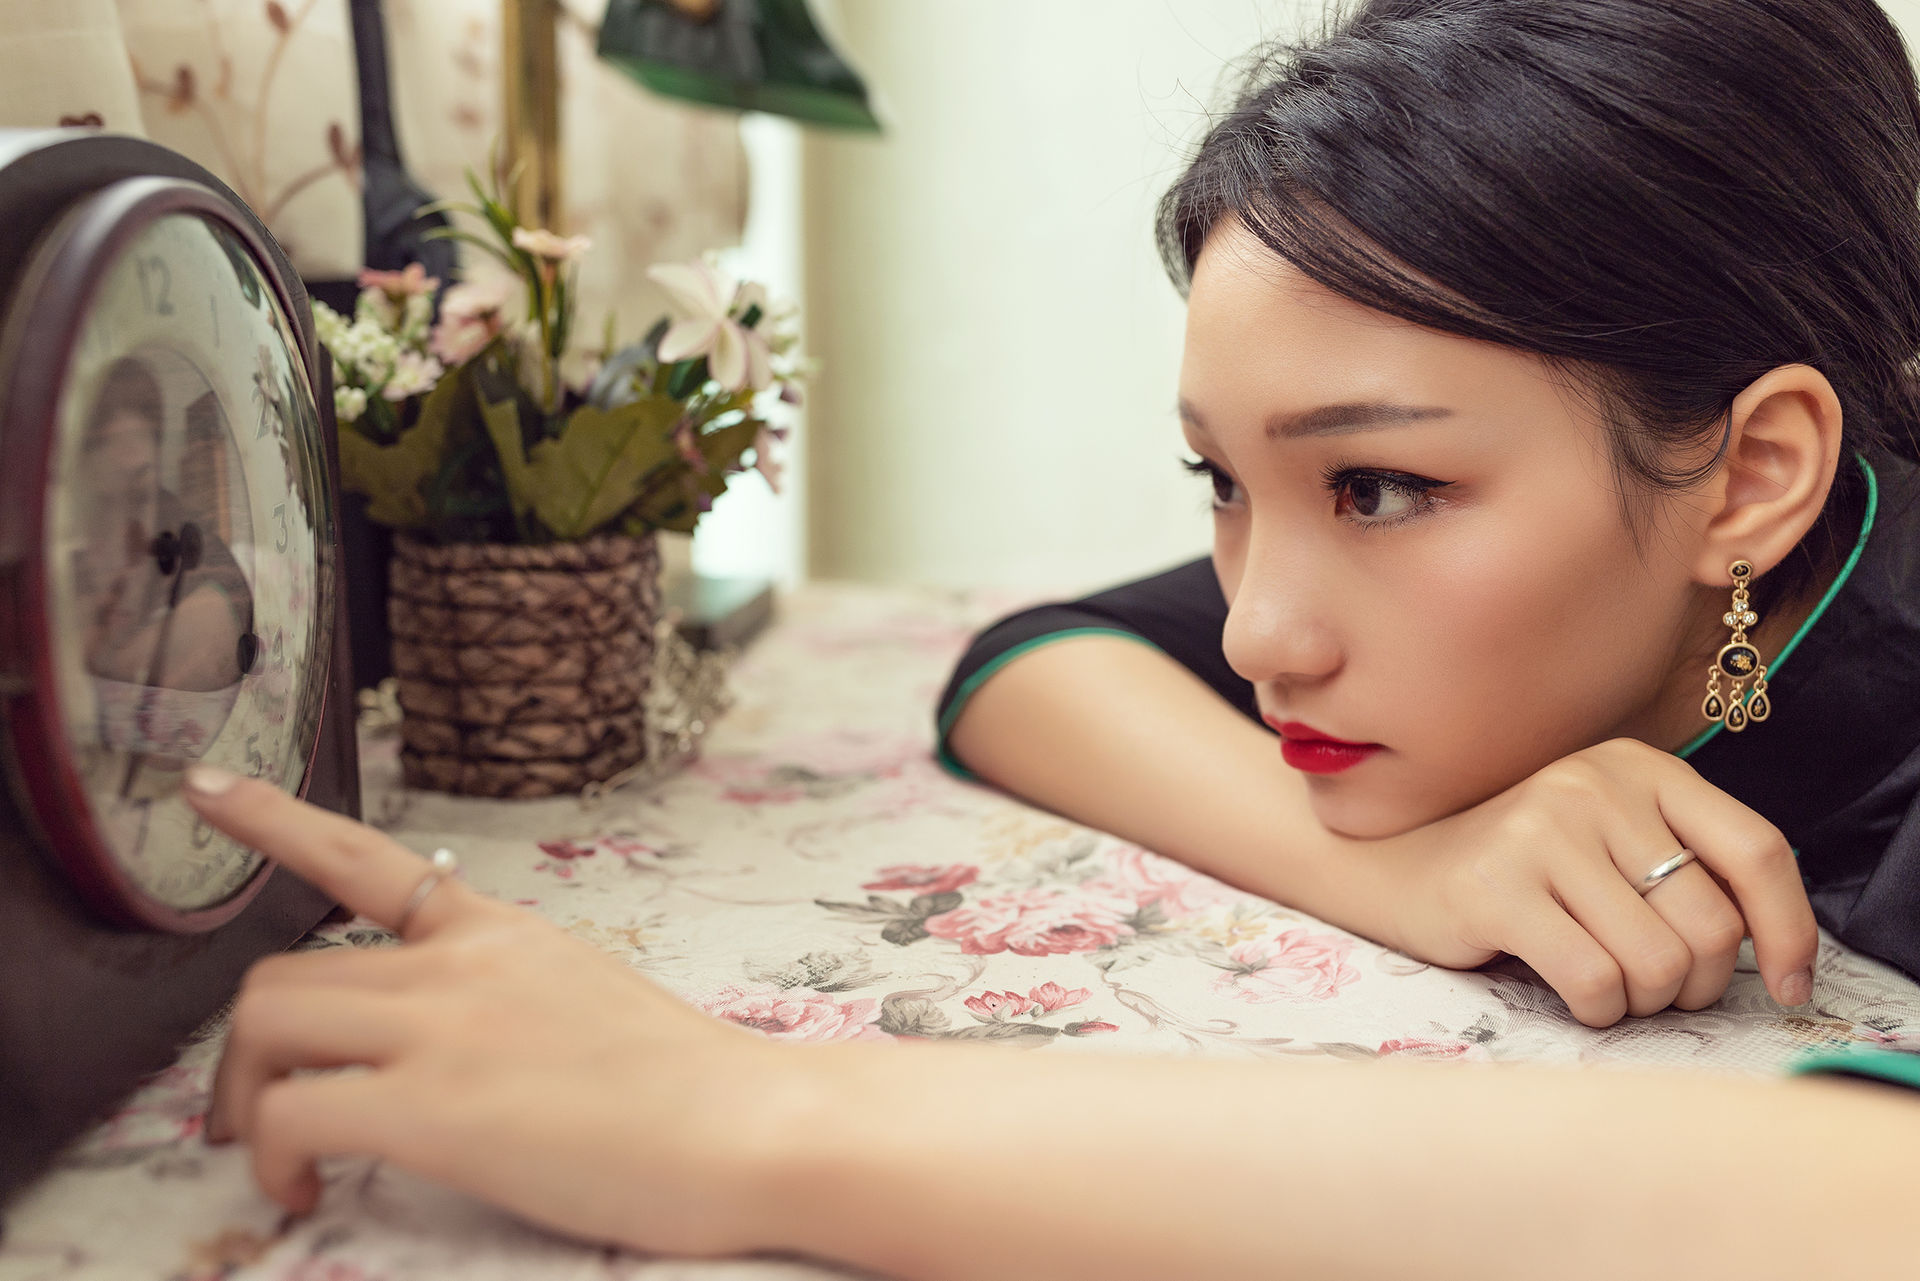 2018-08-26 復古室內棚拍_攝影師郭小皓的返片